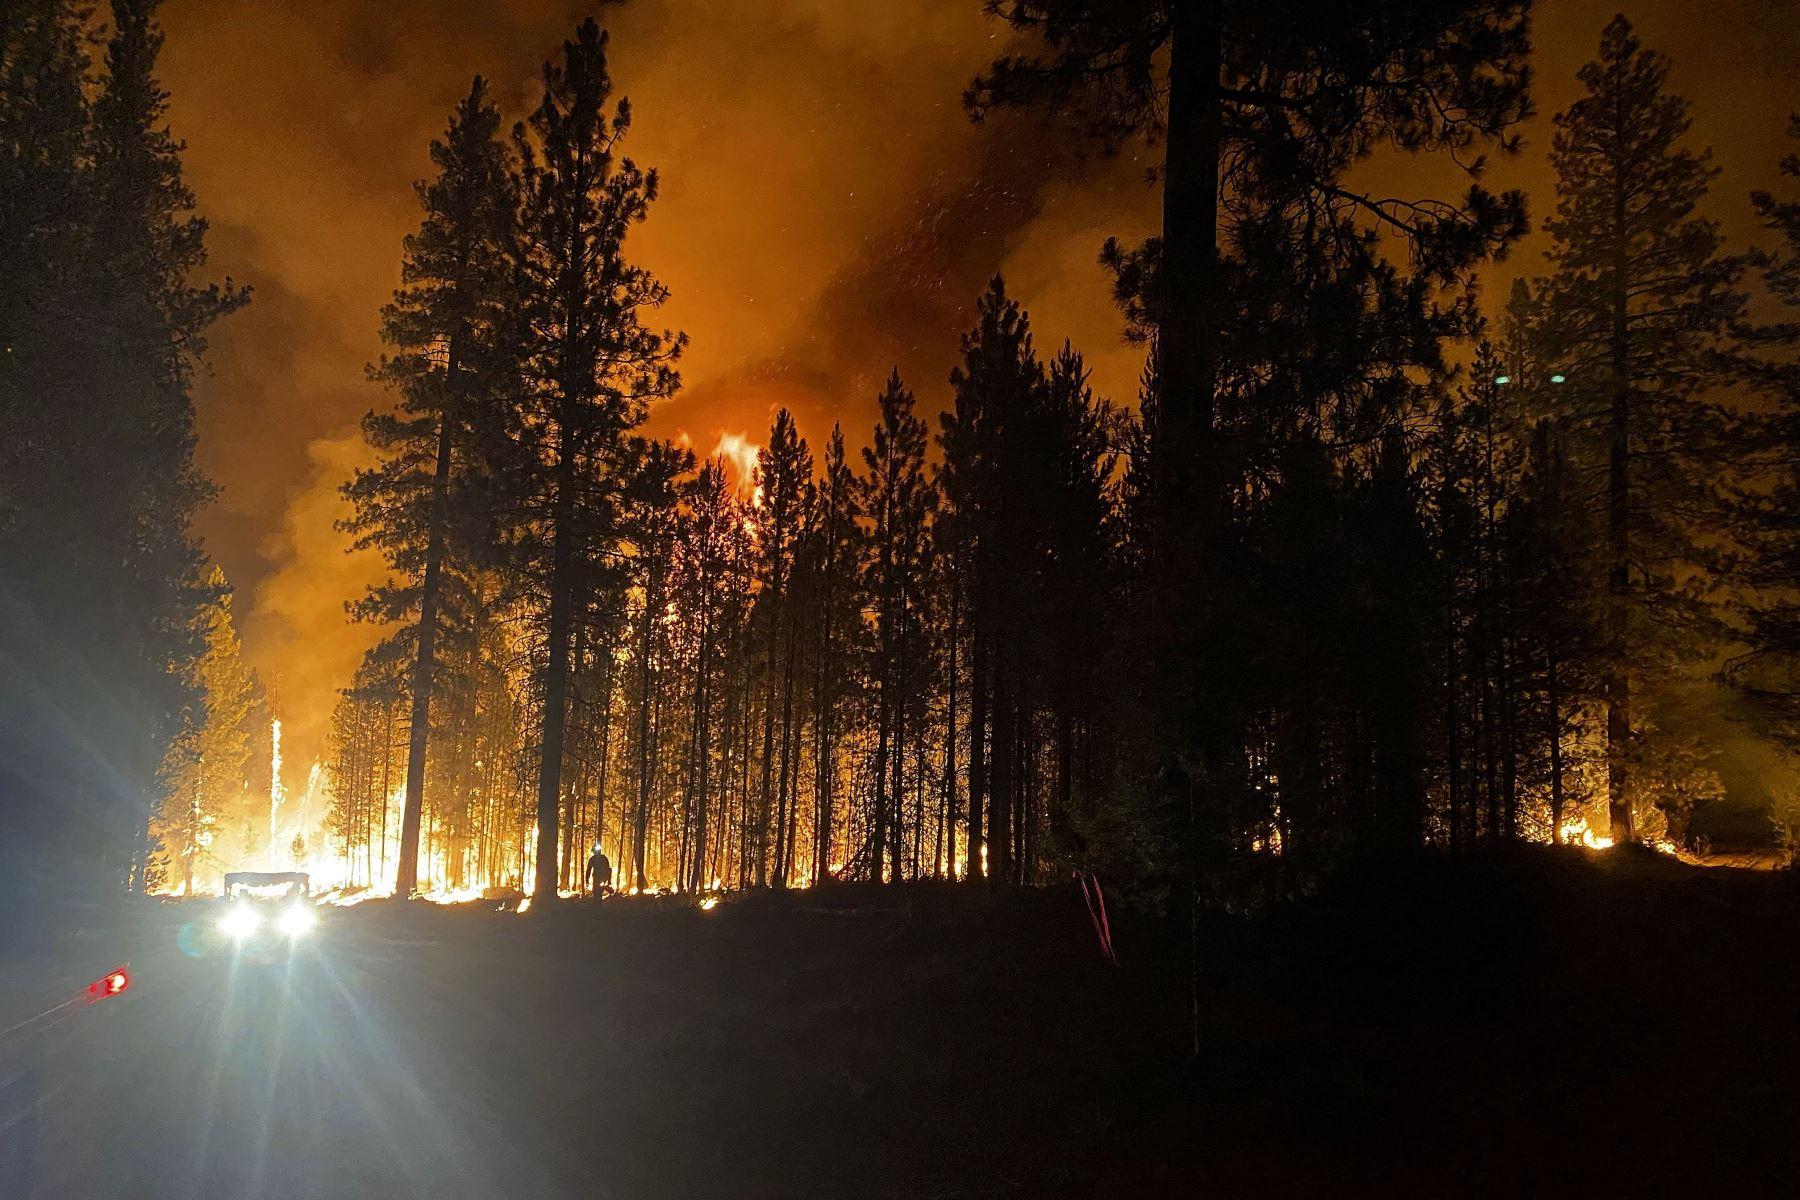 Incendios \'extremos\' y denso humo invaden el oeste de EE. UU. y Canadá